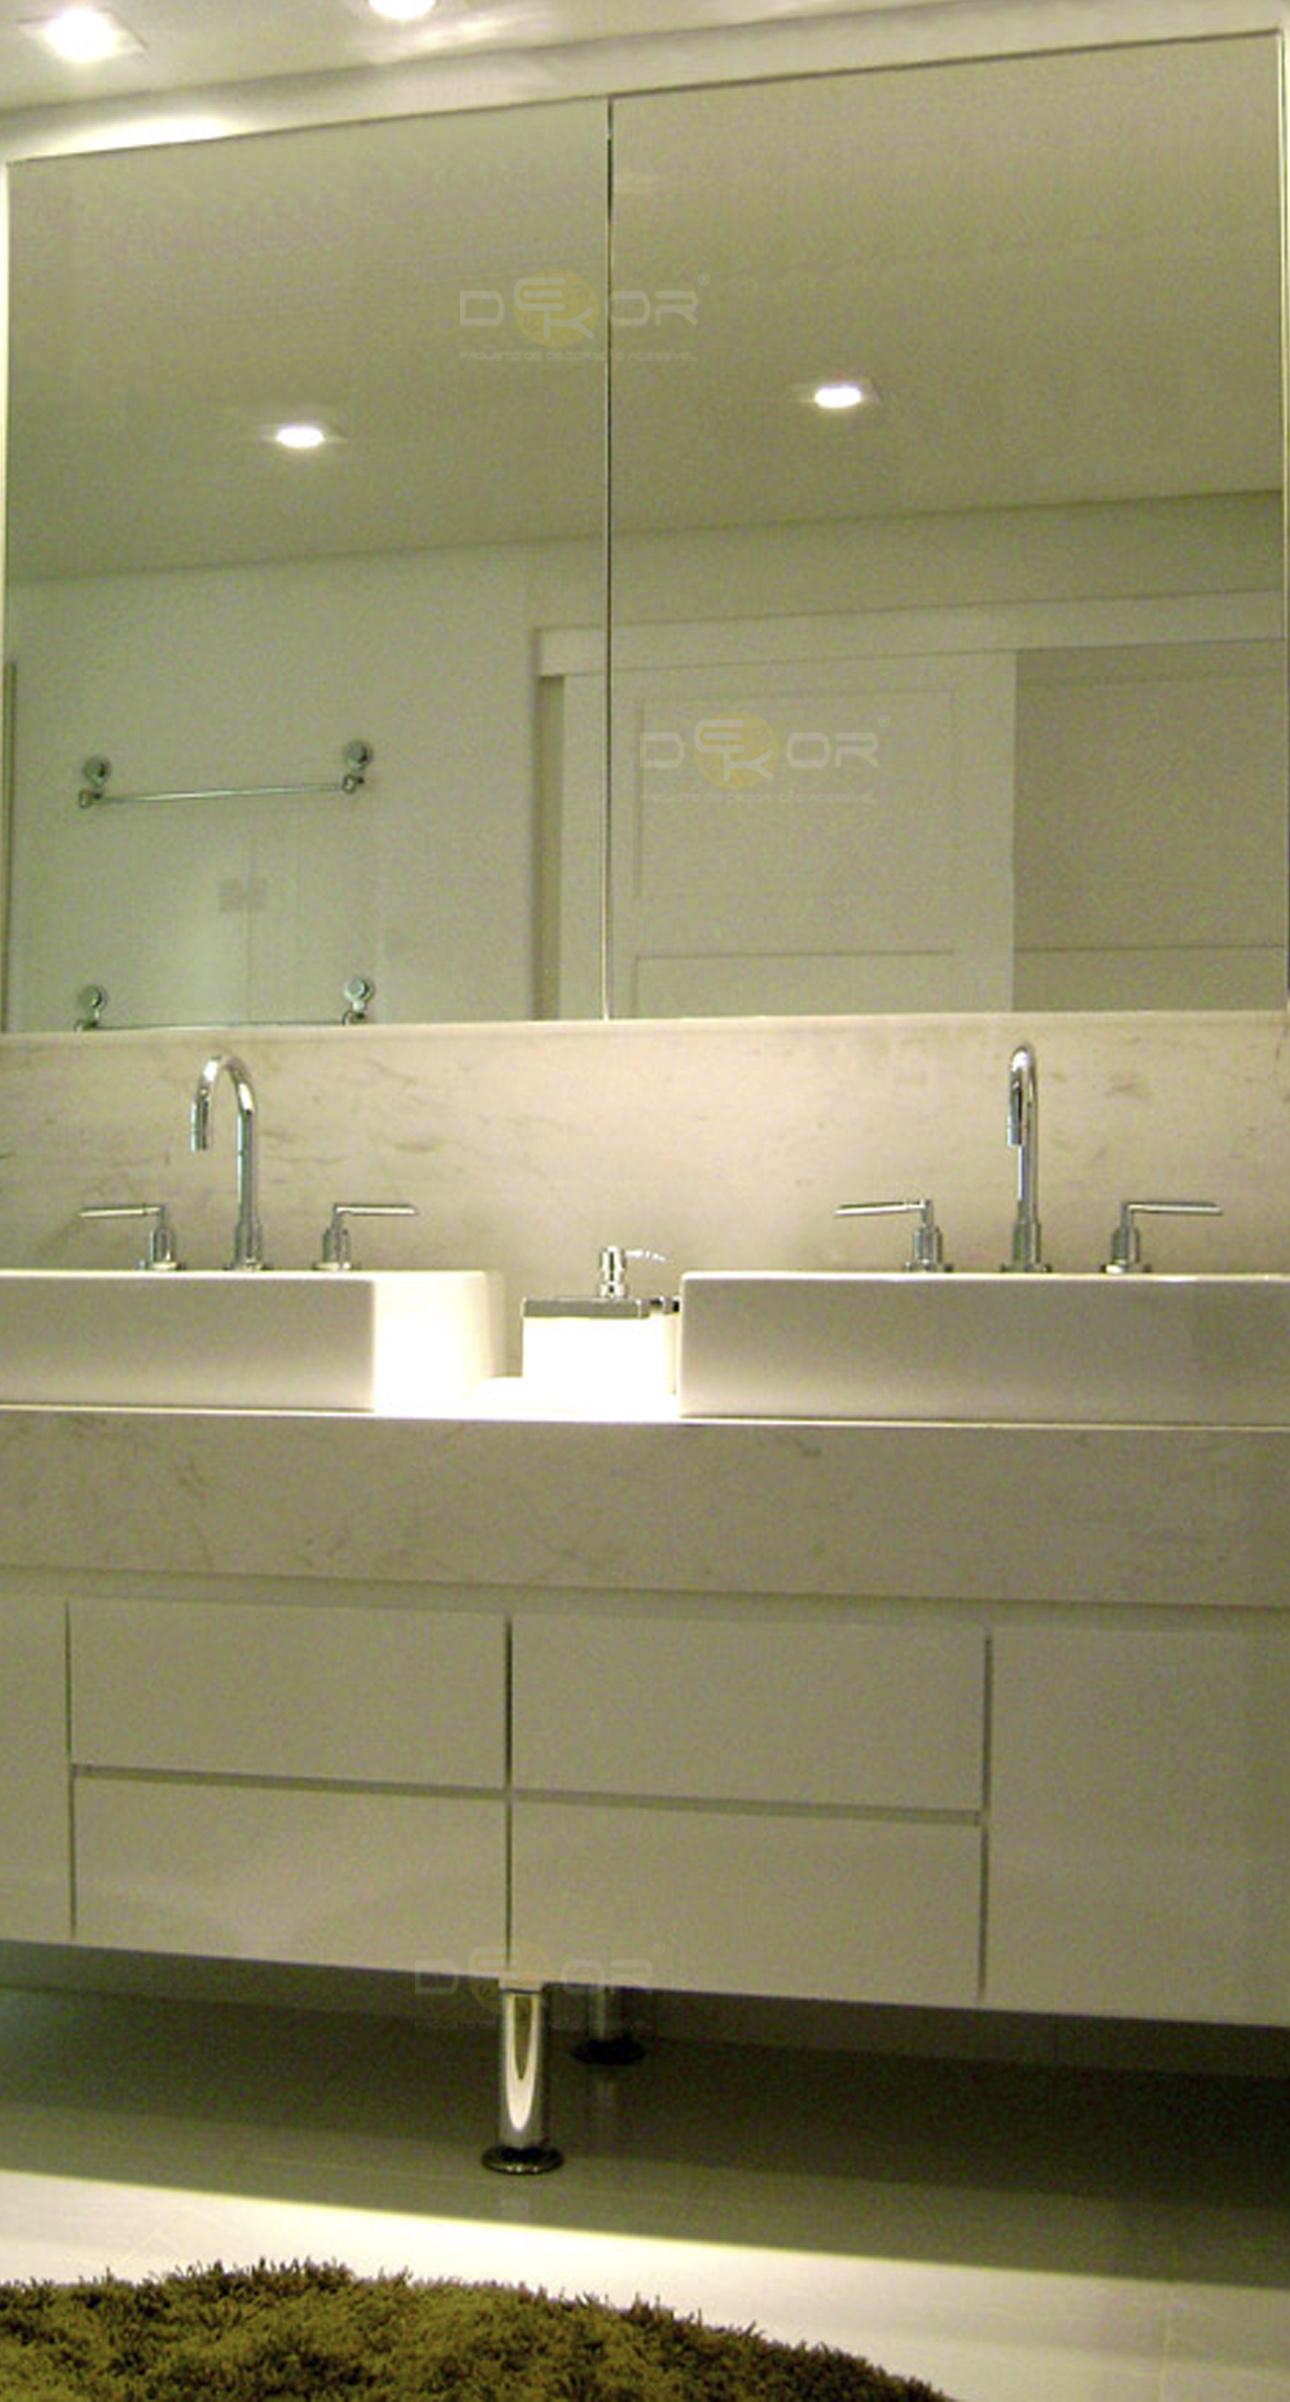 Projeto de Banheiro – Decoração Online #33 Erika Karpuk #5B5020 1290 2402